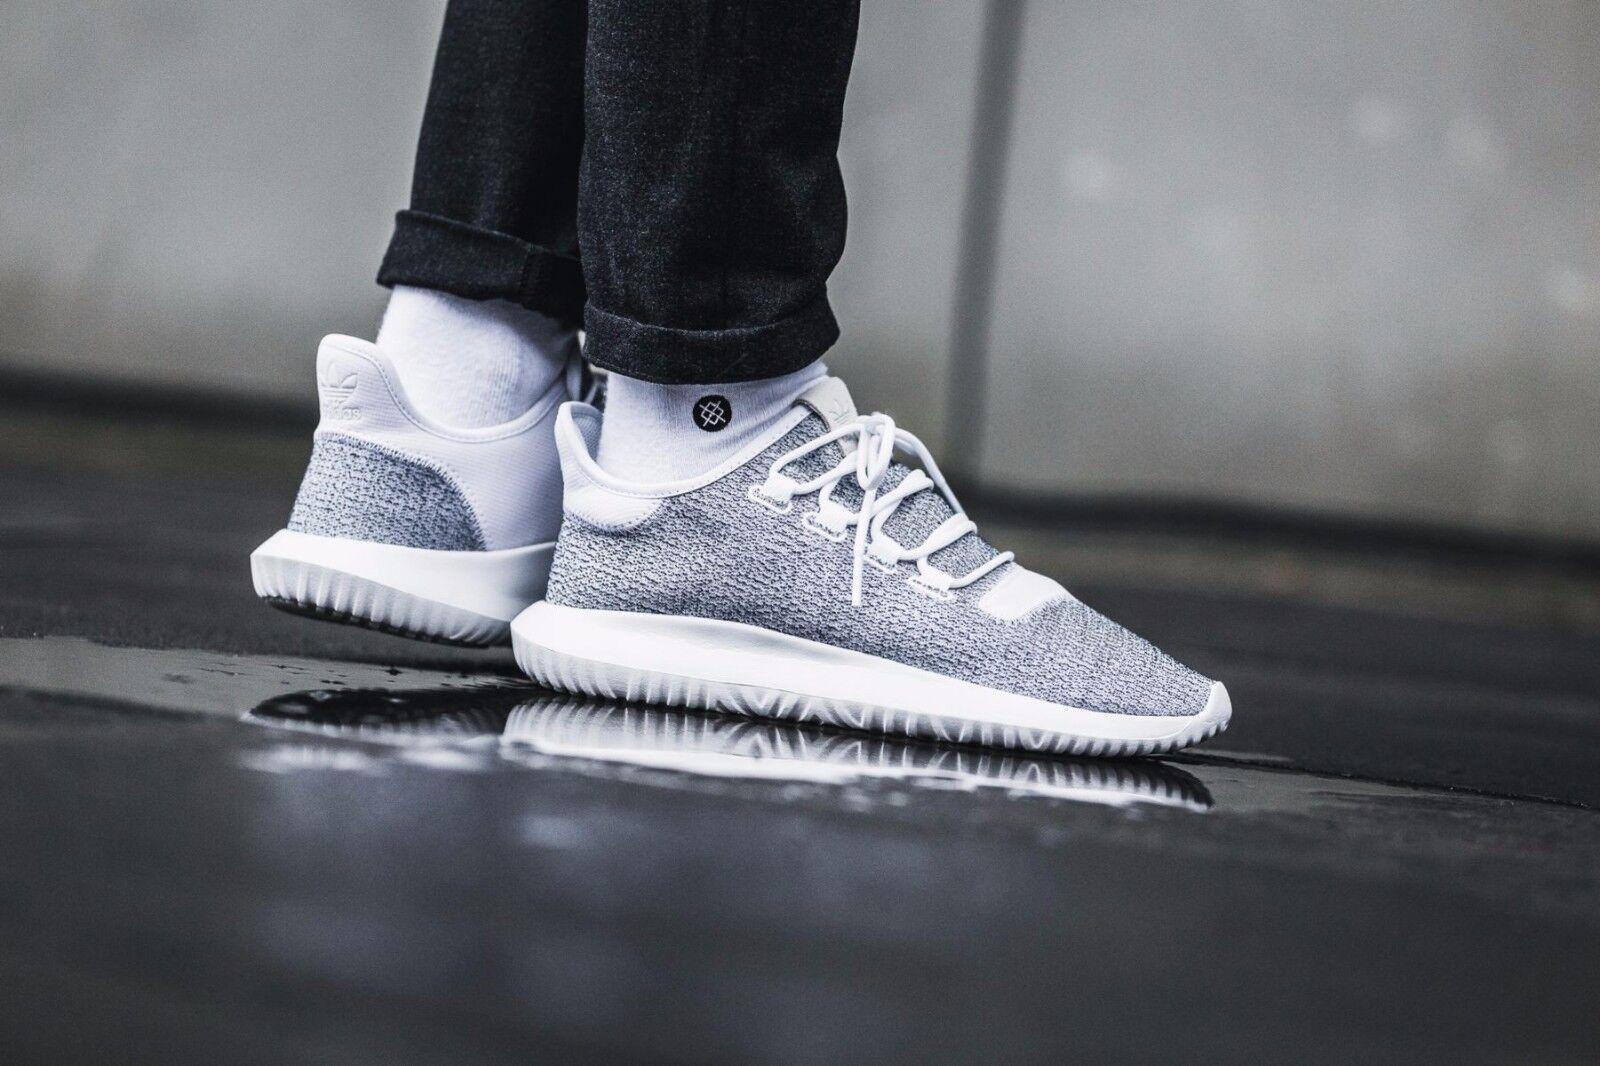 New in box!bei adidas originals tubuläre schatten sz ck grauen sneaker cq0928 sz schatten bis 1ccbd5